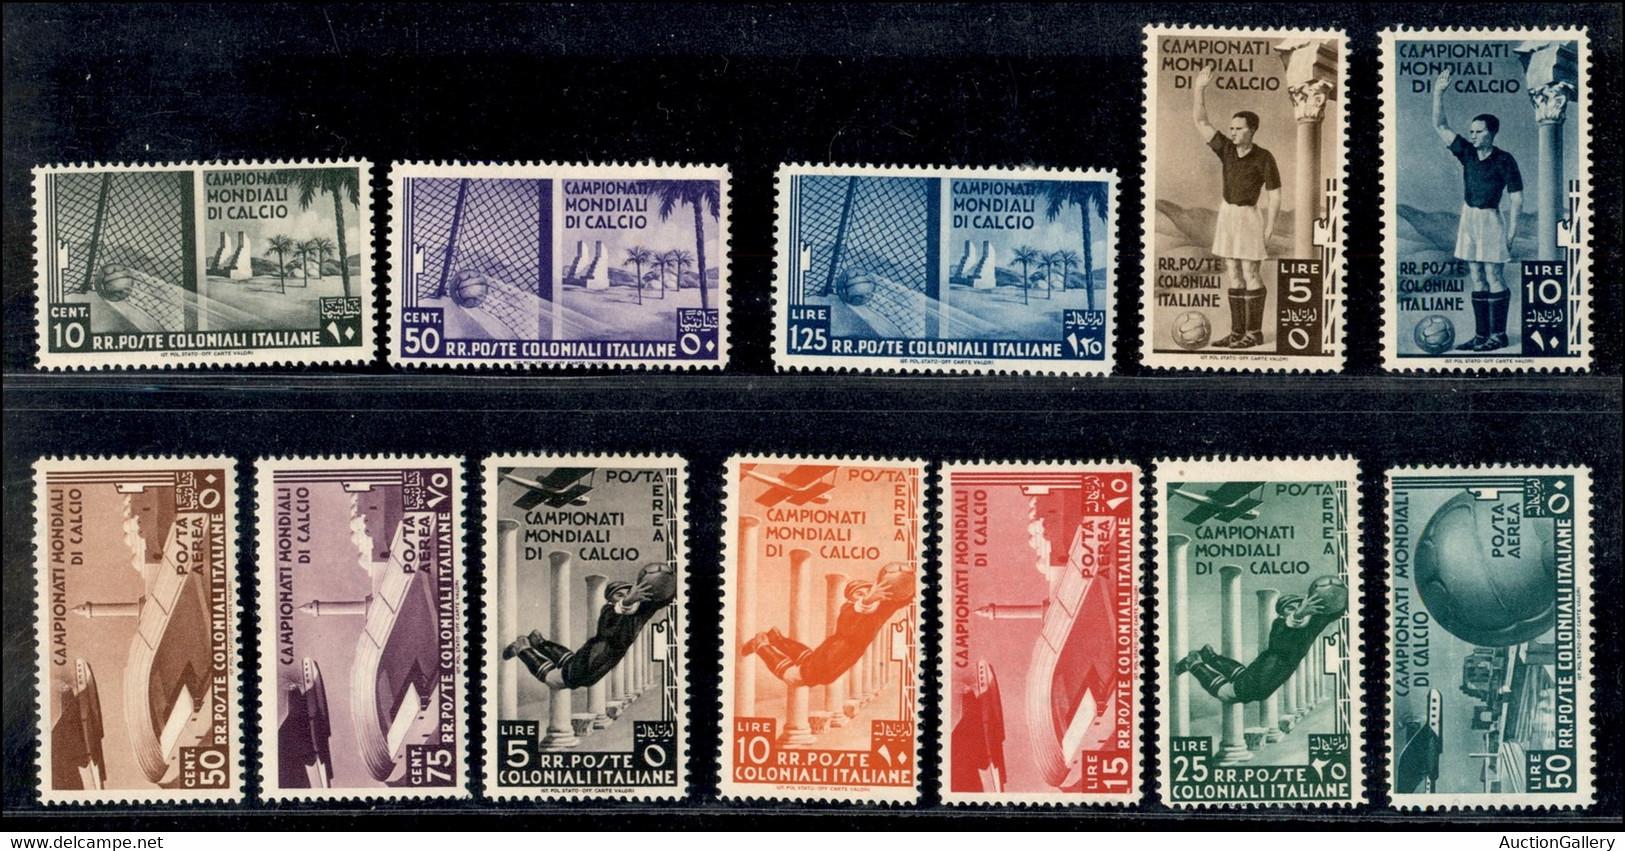 COLONIE - EMISSIONI GENERALI - 1934 - Calcio (46/50 + Aerea 31/37) - Emissione Completa - 12 Valori - Gomma Originale (9 - Non Classificati